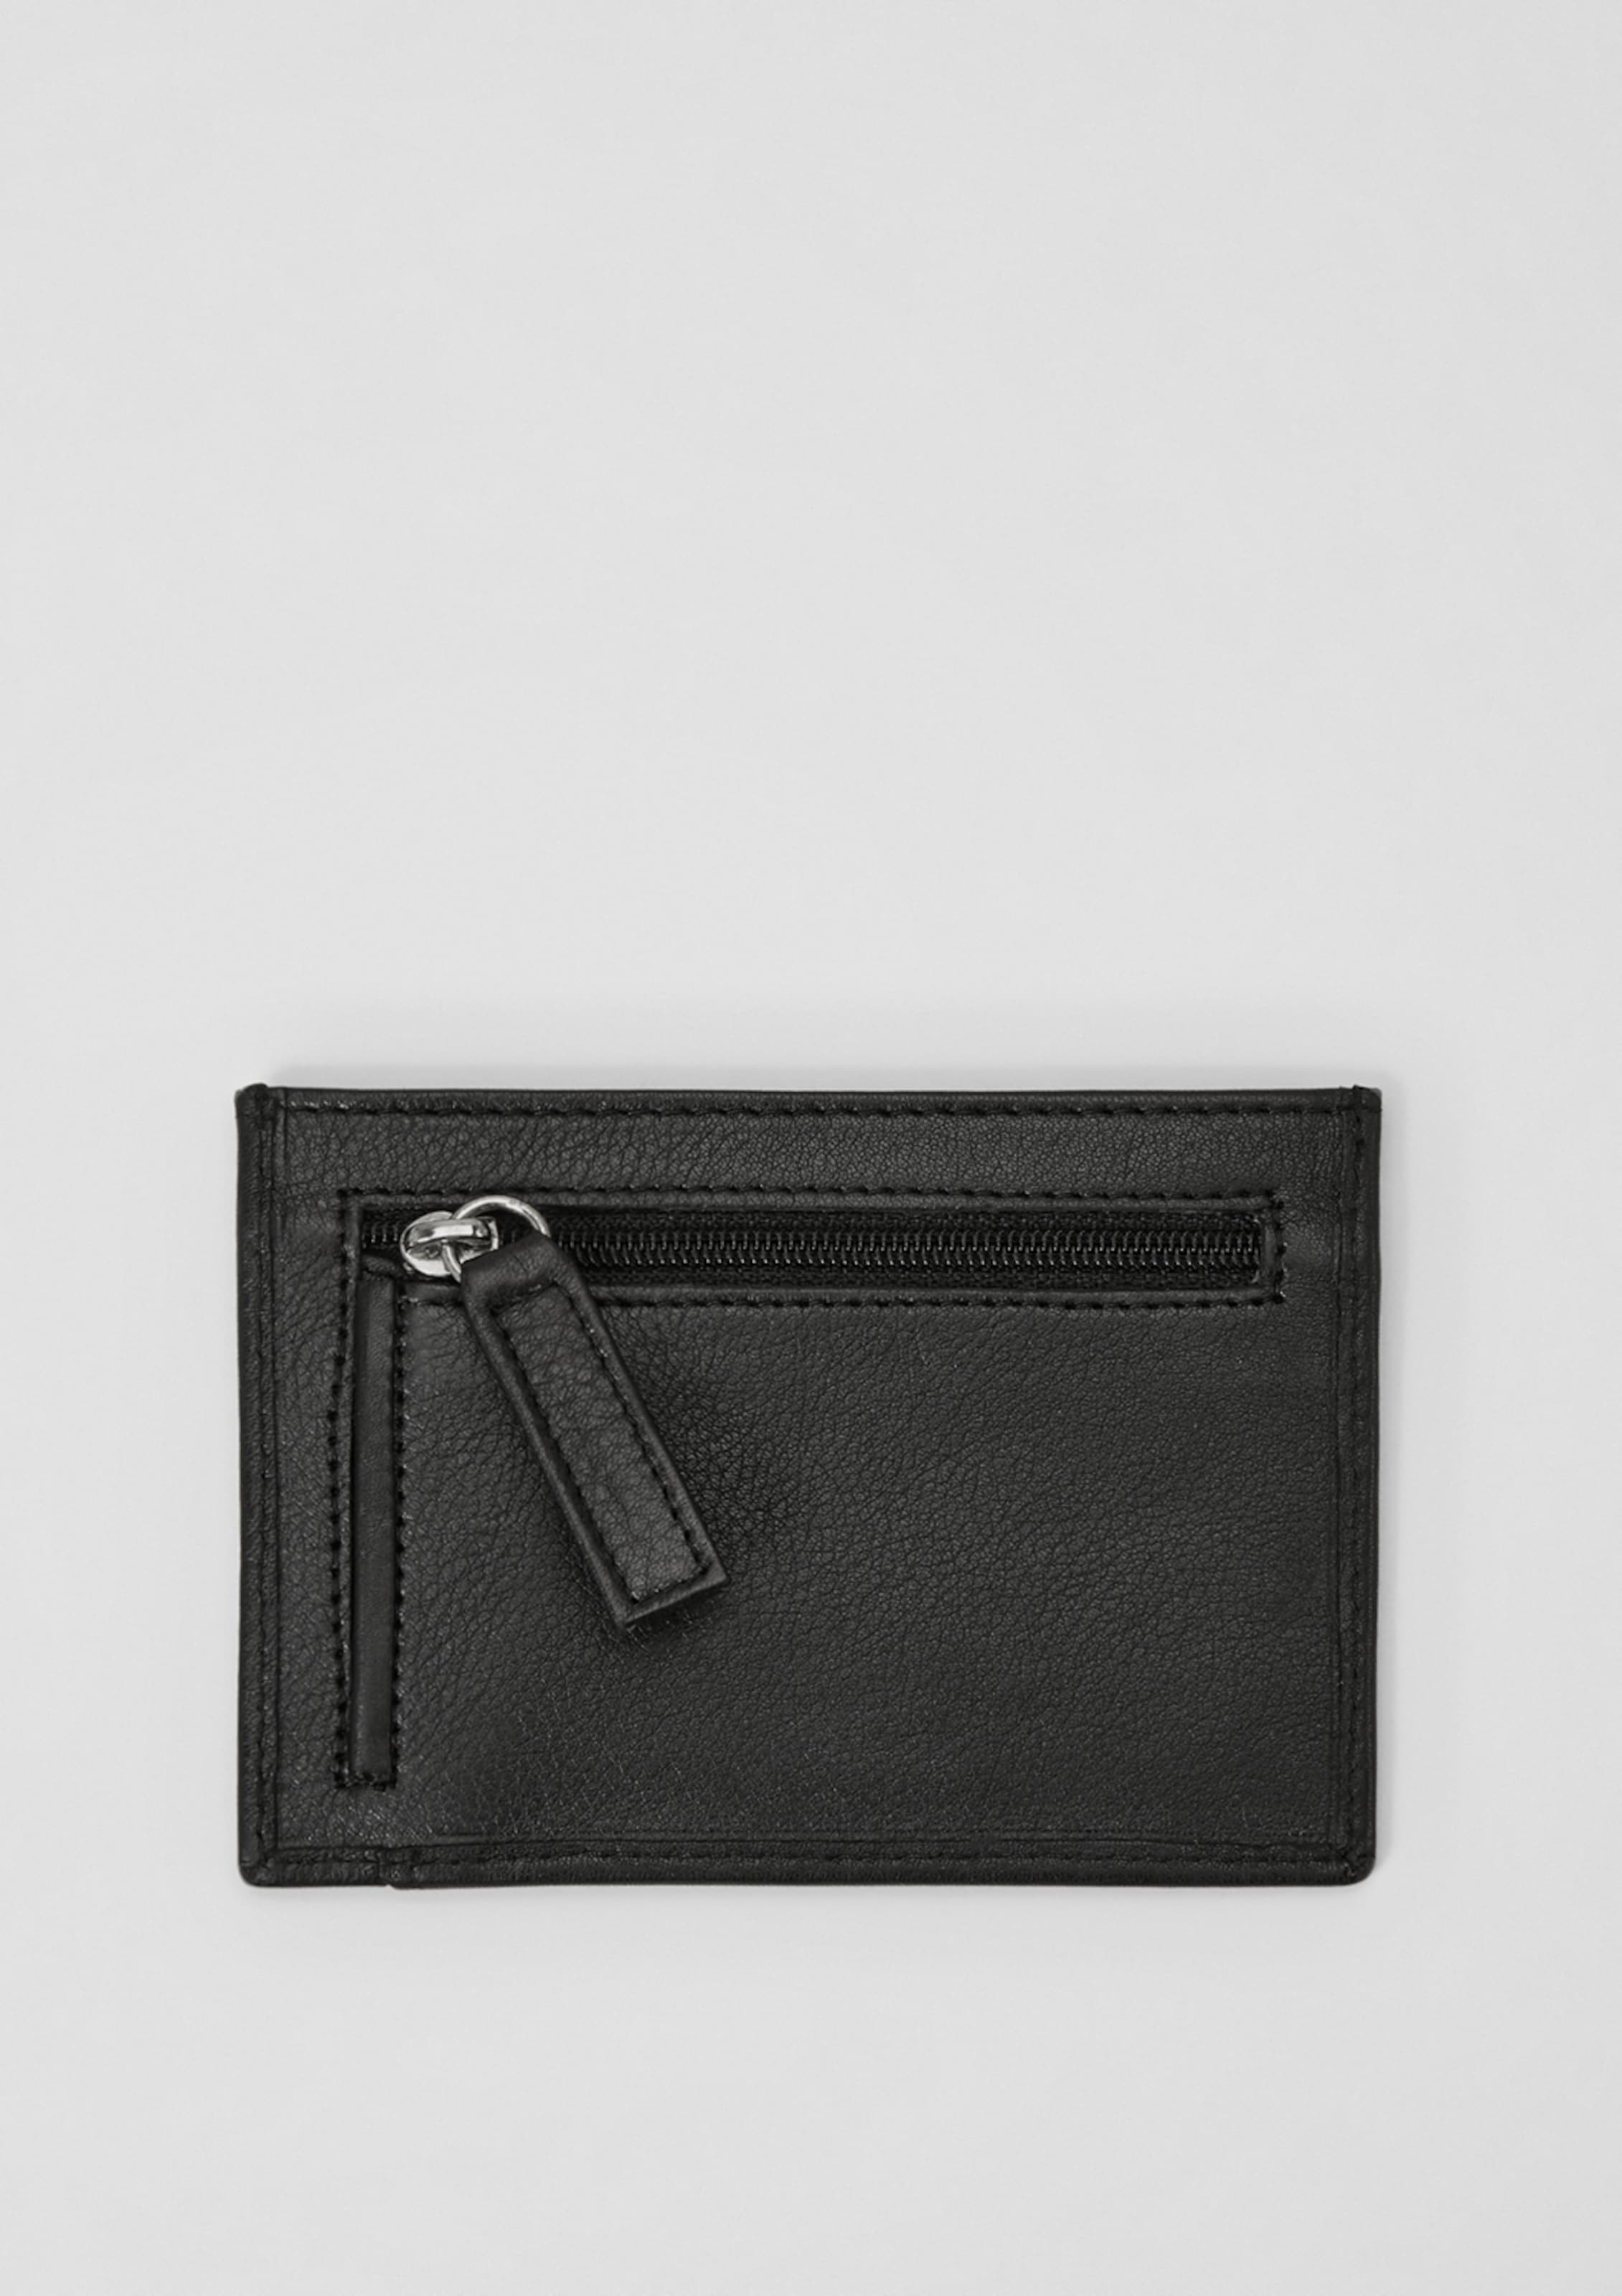 Schwarz In Wallet oliver In oliver S S Wallet 0OPnwk